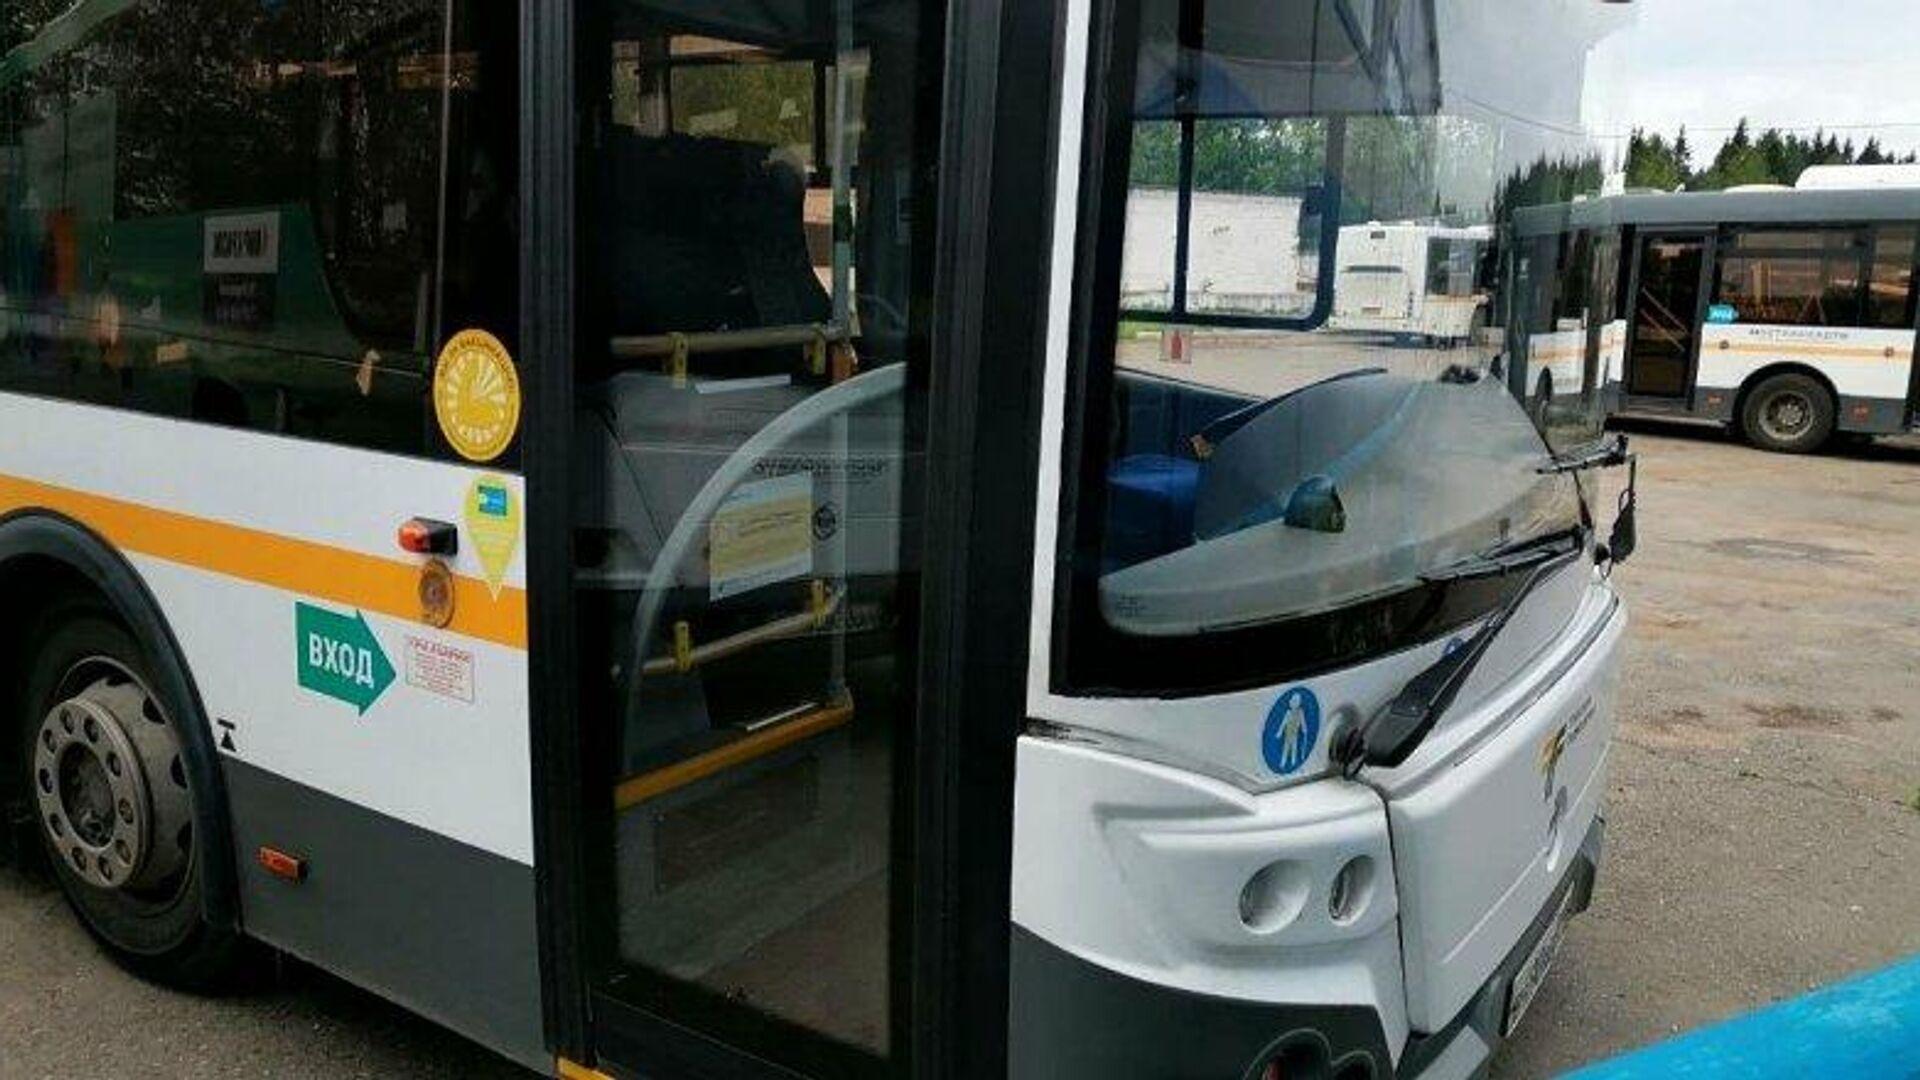 На автобусах в Подмосковье появились наклейки о том, что водитель привит - РИА Новости, 1920, 05.07.2021